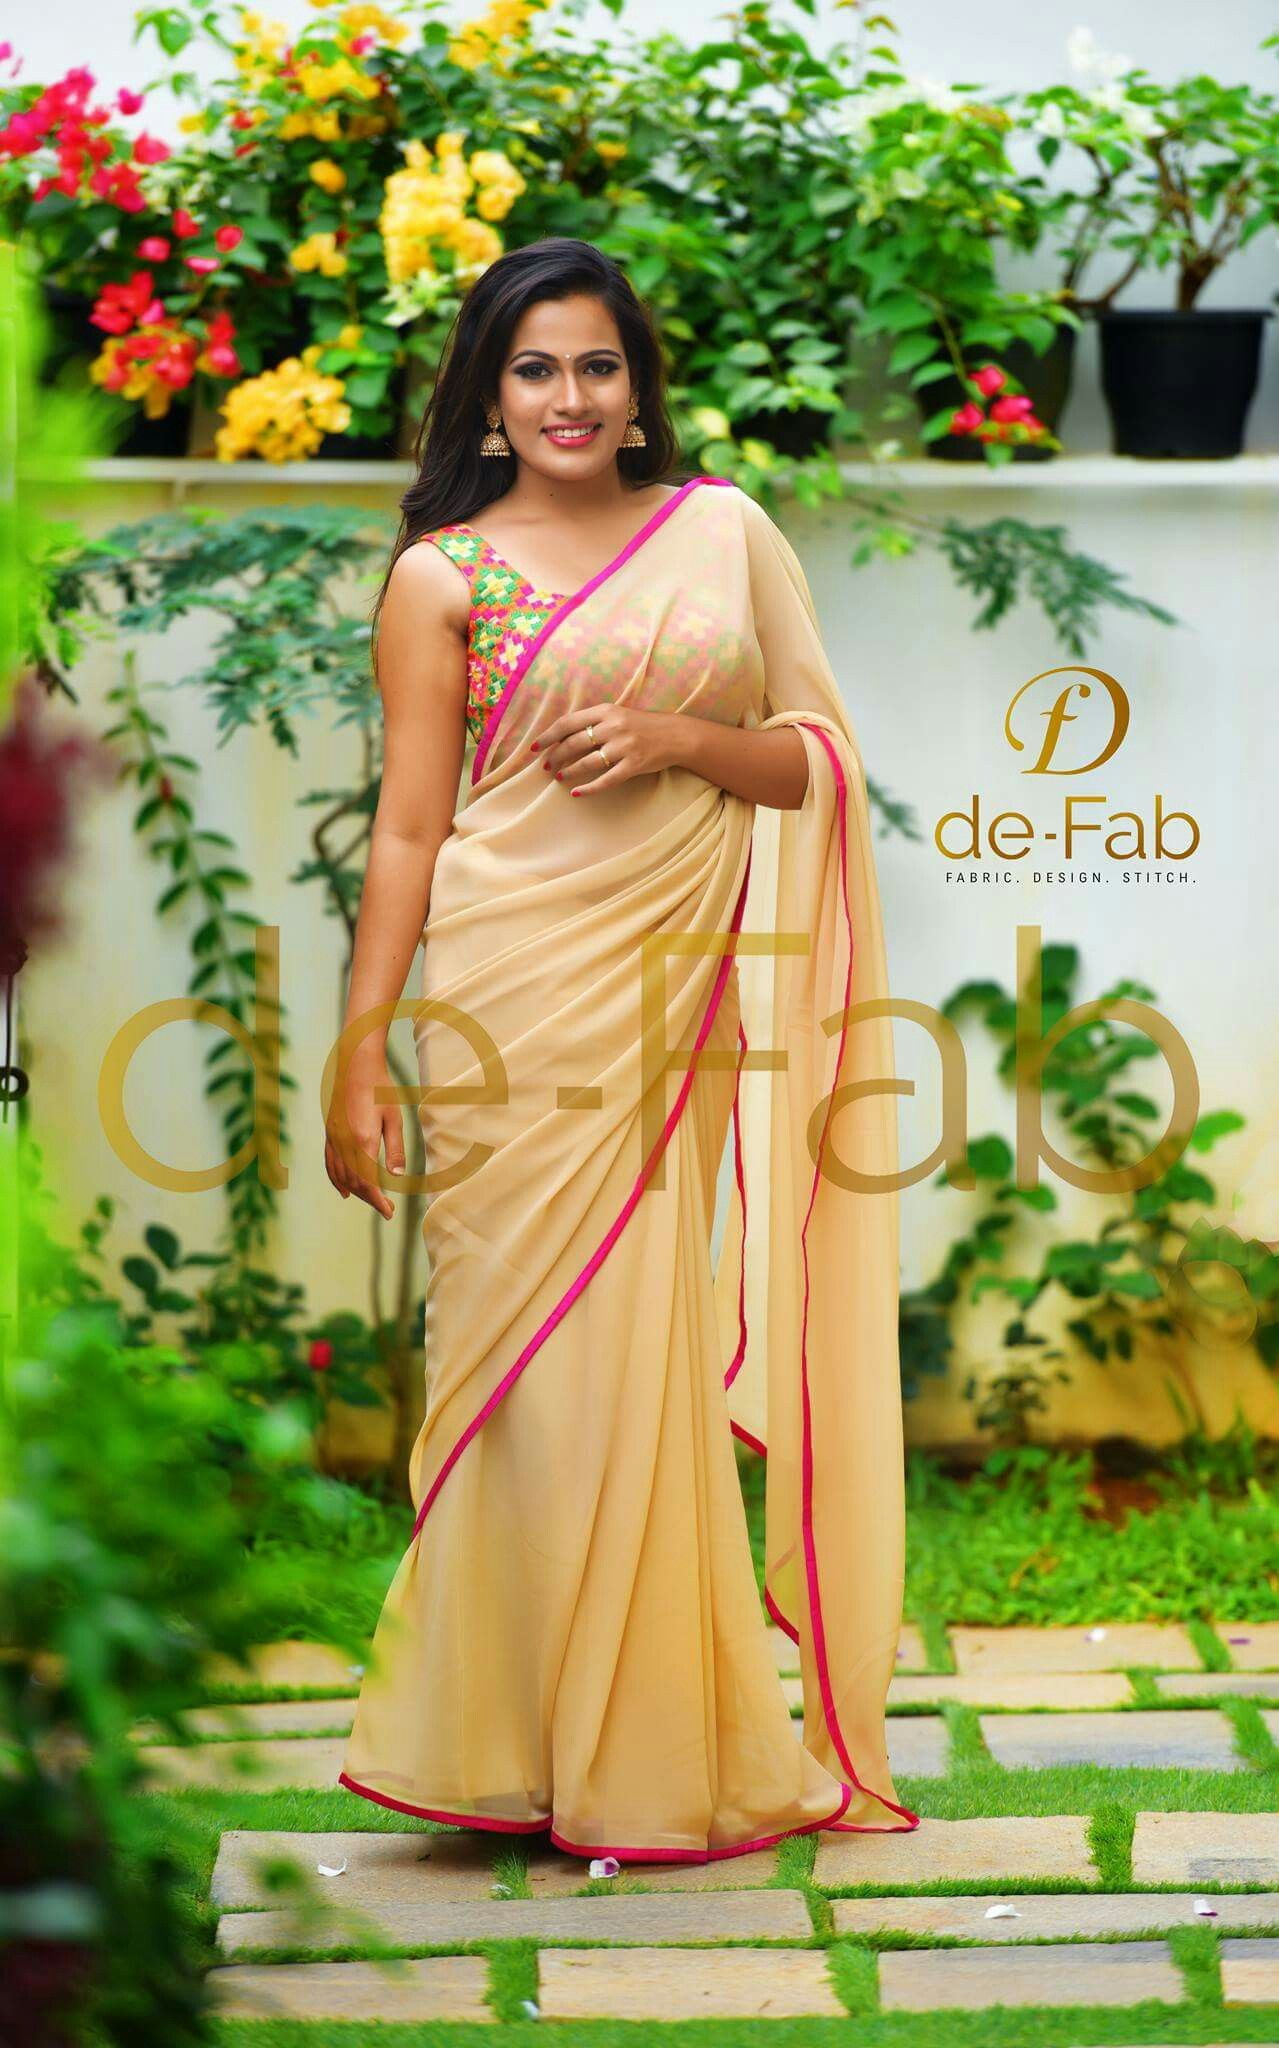 Pin By Indira Kalidoss On Sarees  Saree Dress, Saree Blouse, Saree-5567